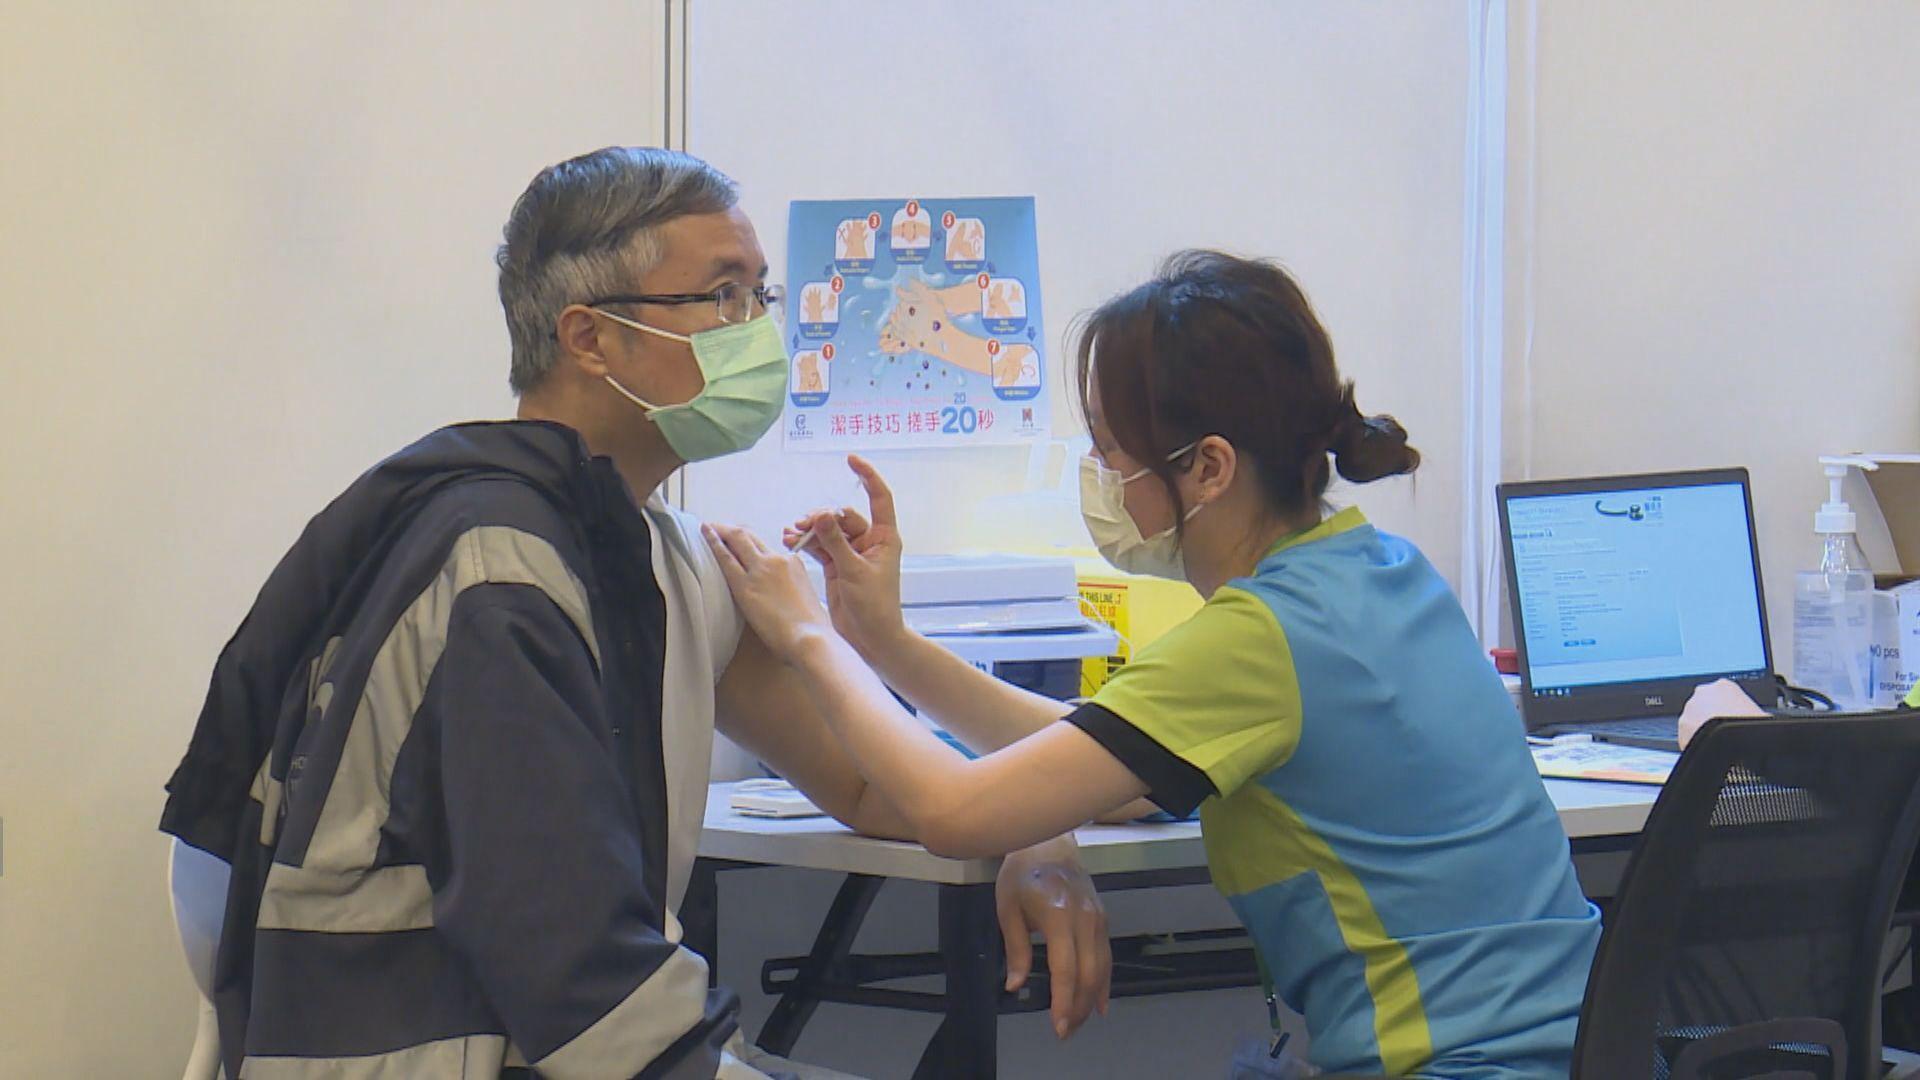 聶德權:未來幾天會開放第三周疫苗預約名額